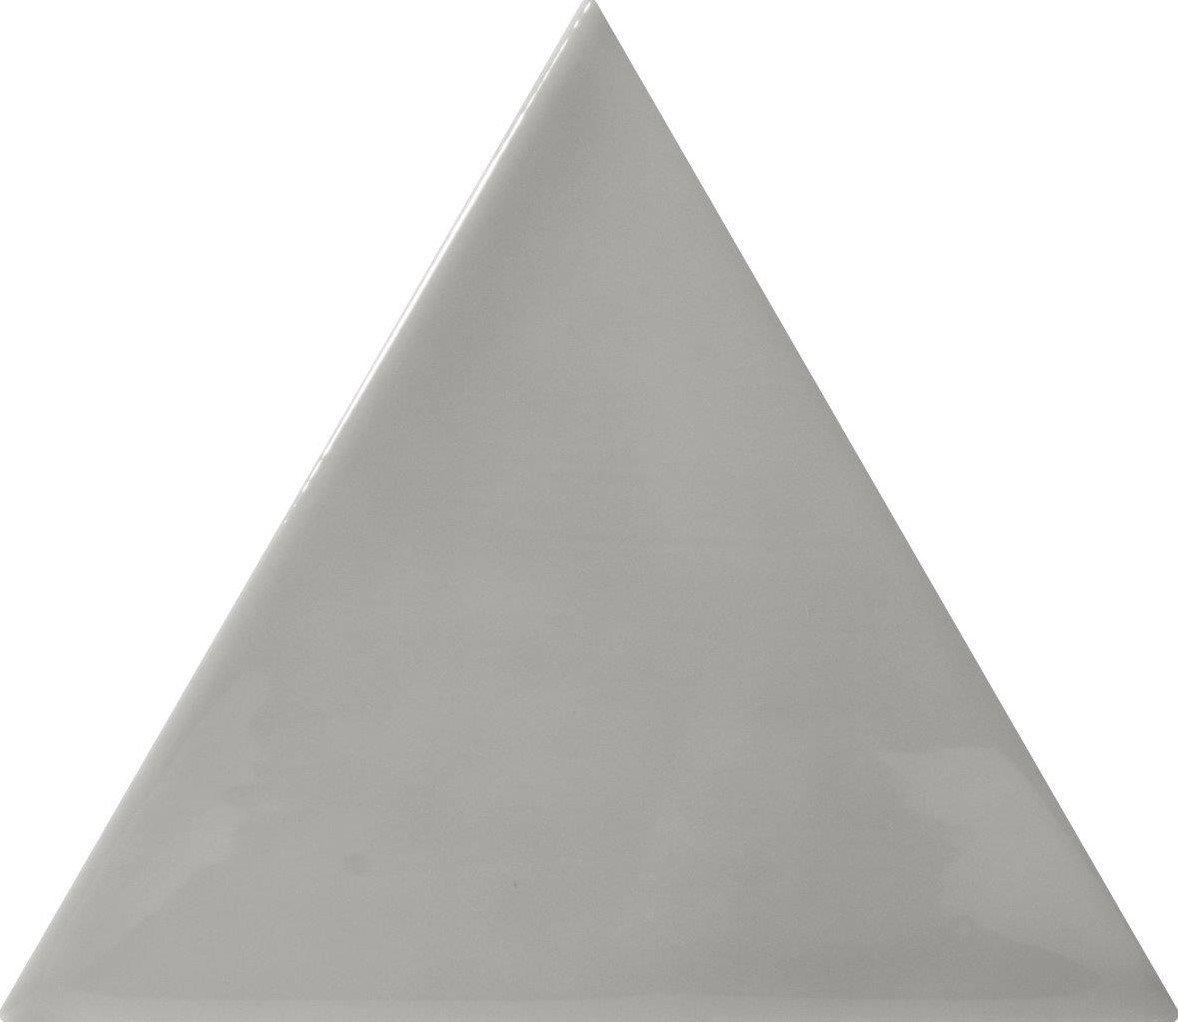 Quintessenza 3LATI driehoek tegel 13,2x11,4 Grigio Scuro Lucido